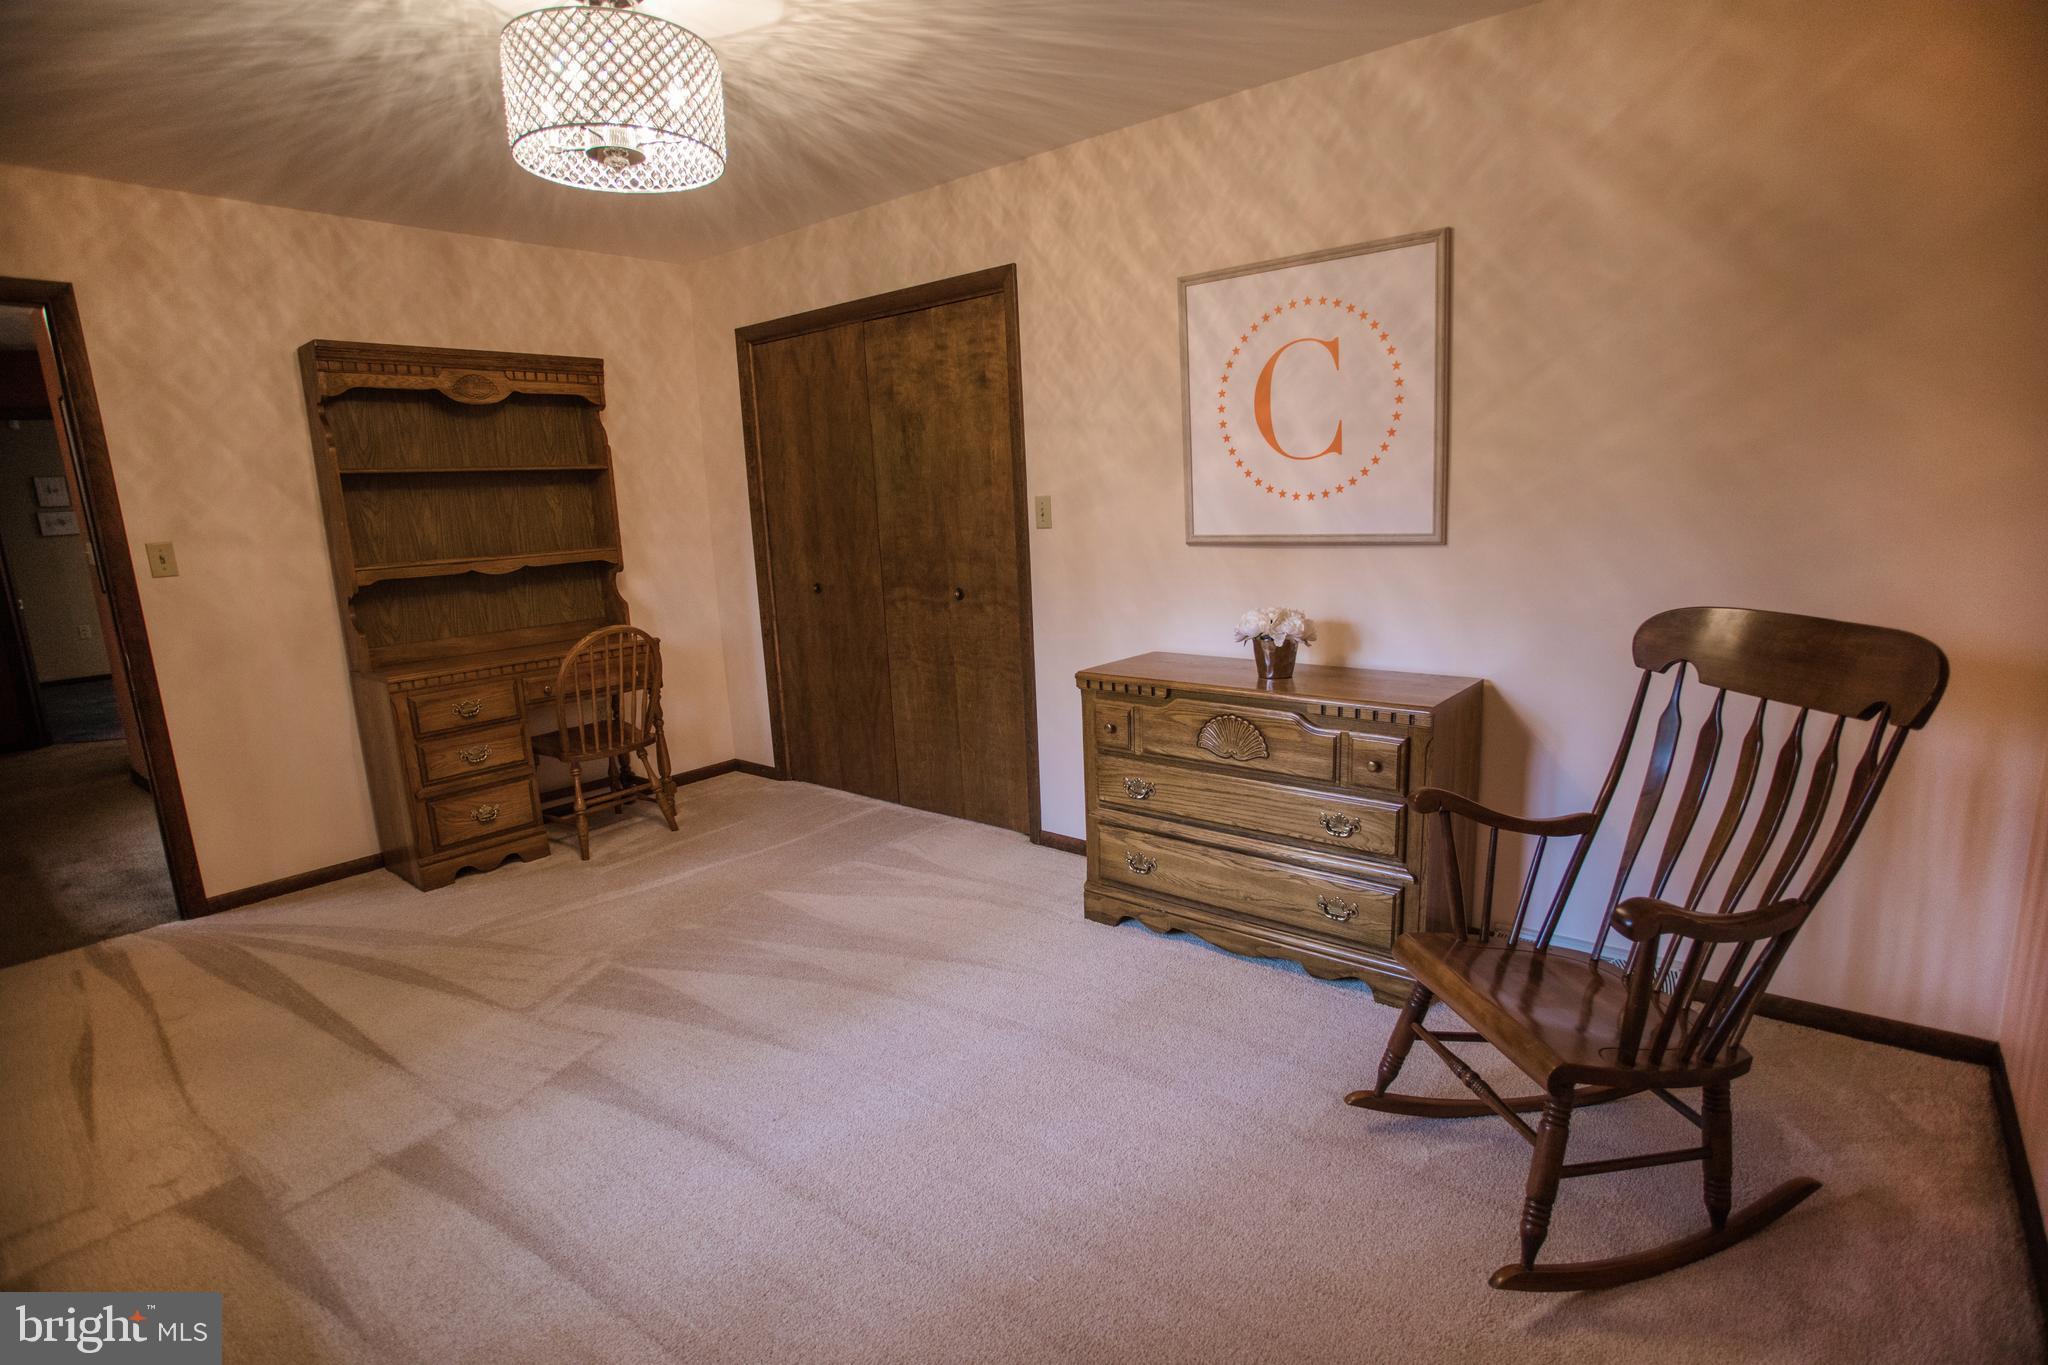 Bedroom 3, view 2